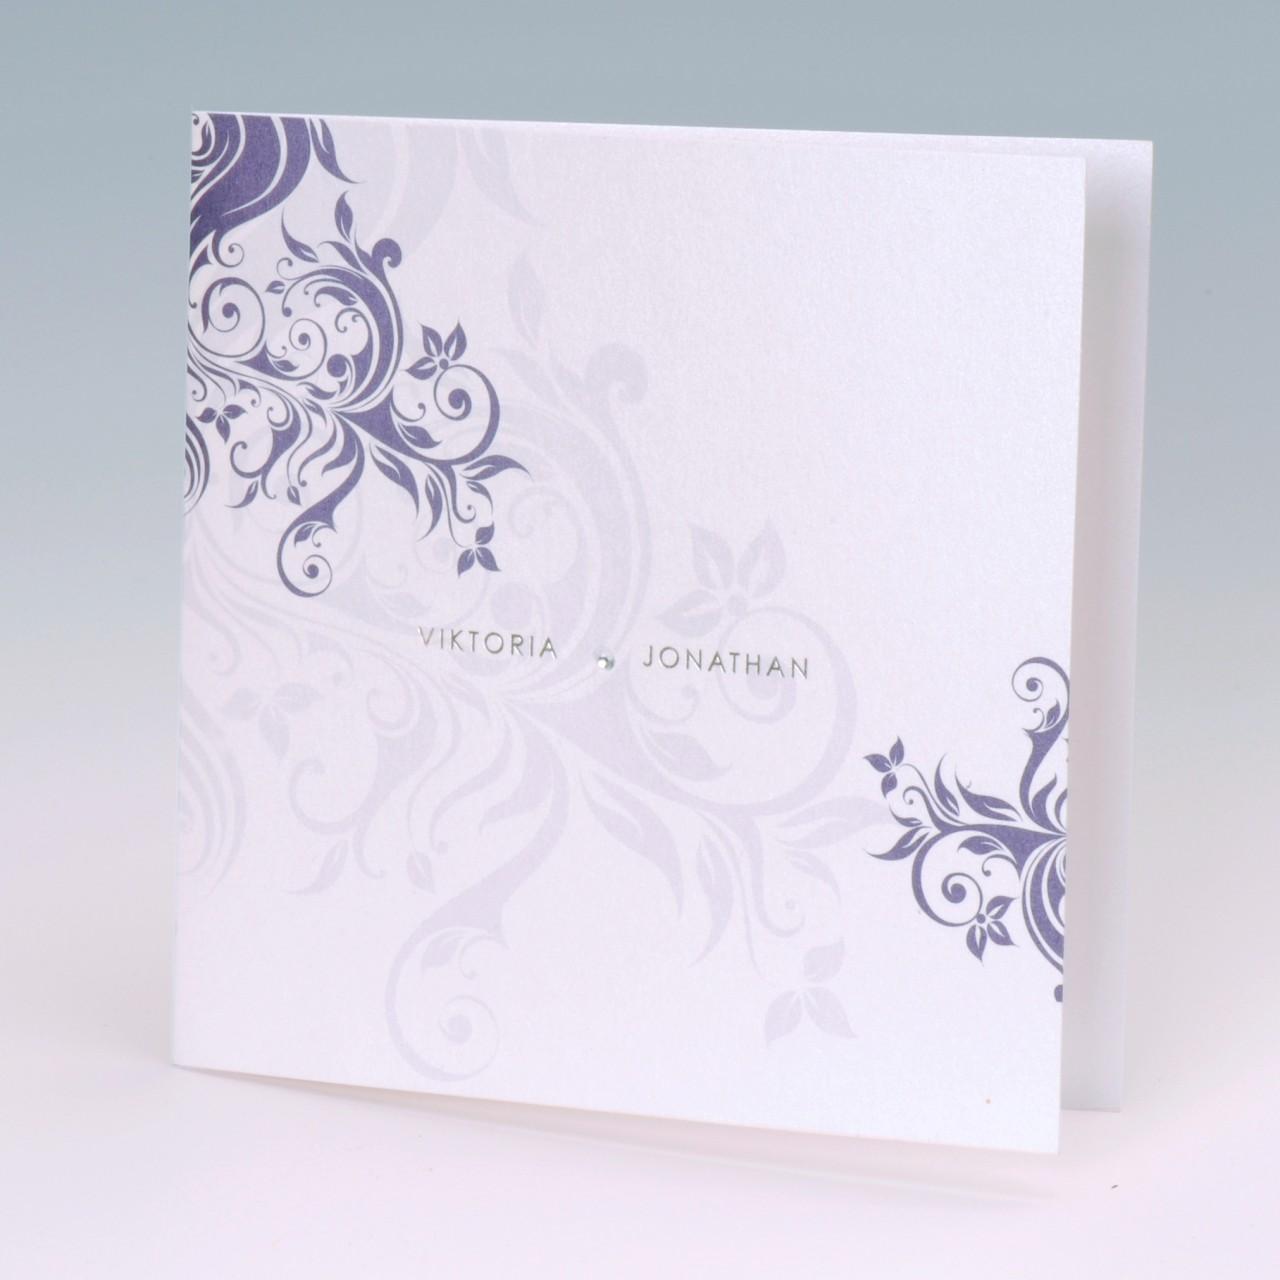 Die Hochzeitskarte Glitzer kann sehr individuell gestaltet werden und setzt den Namen des Brautpaares gekonnt in Szene. Jetzt online bestellen.